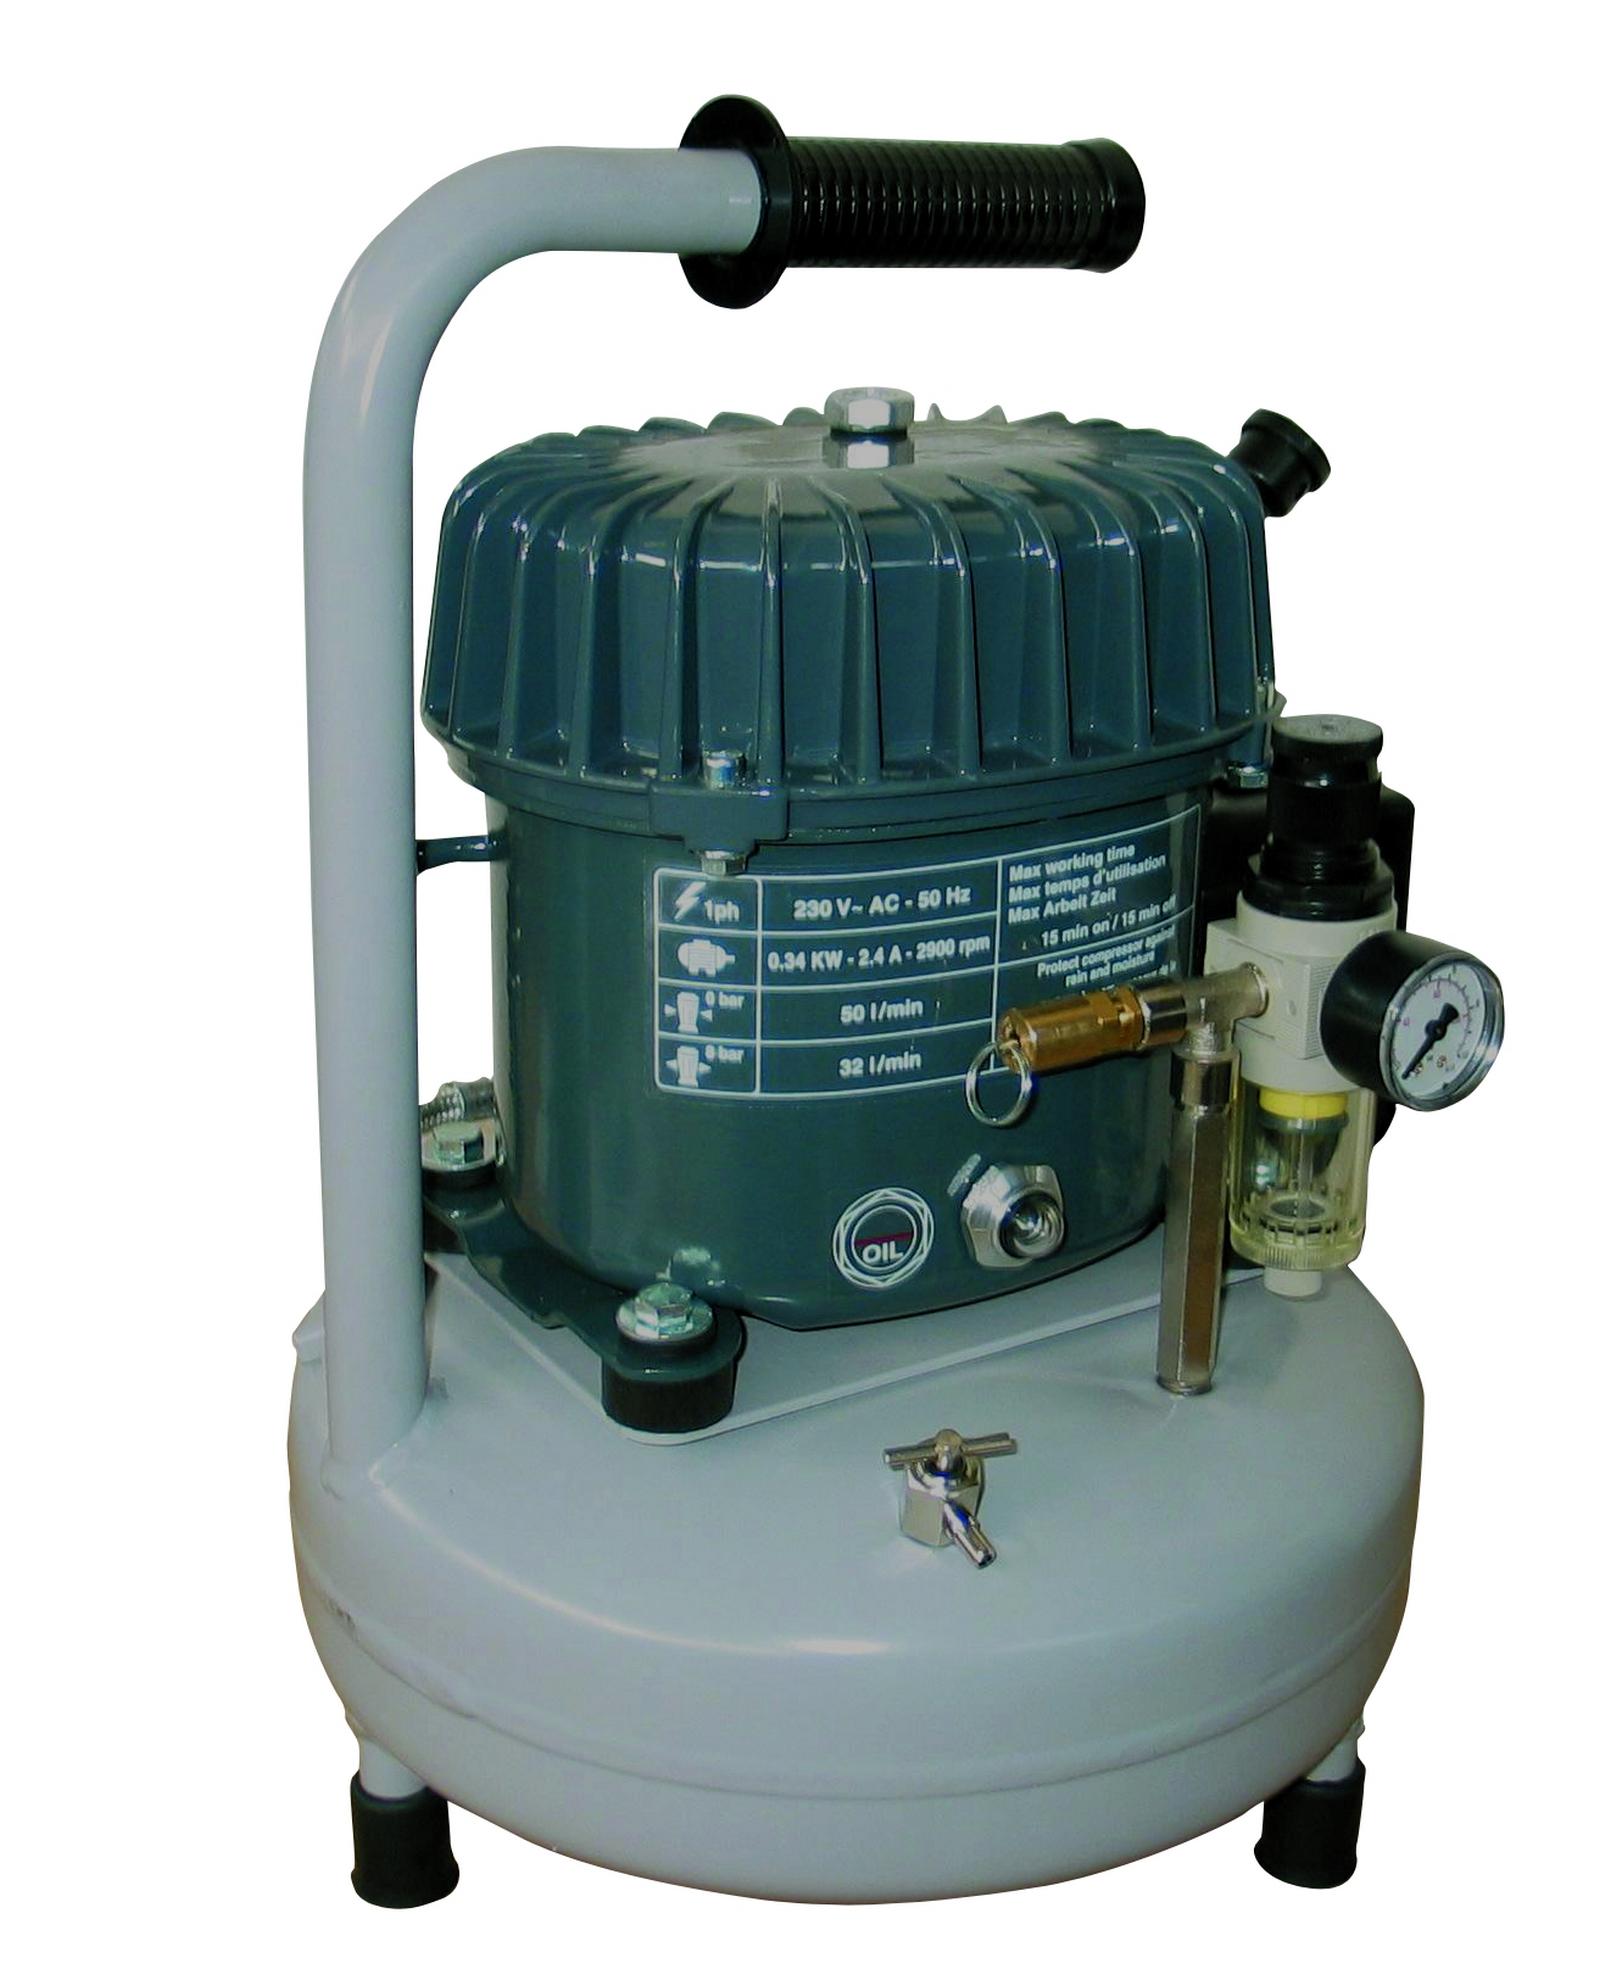 SeA 50-08-9 M - Odhlučnený pístový kompresor Silent Air 0,34 kW